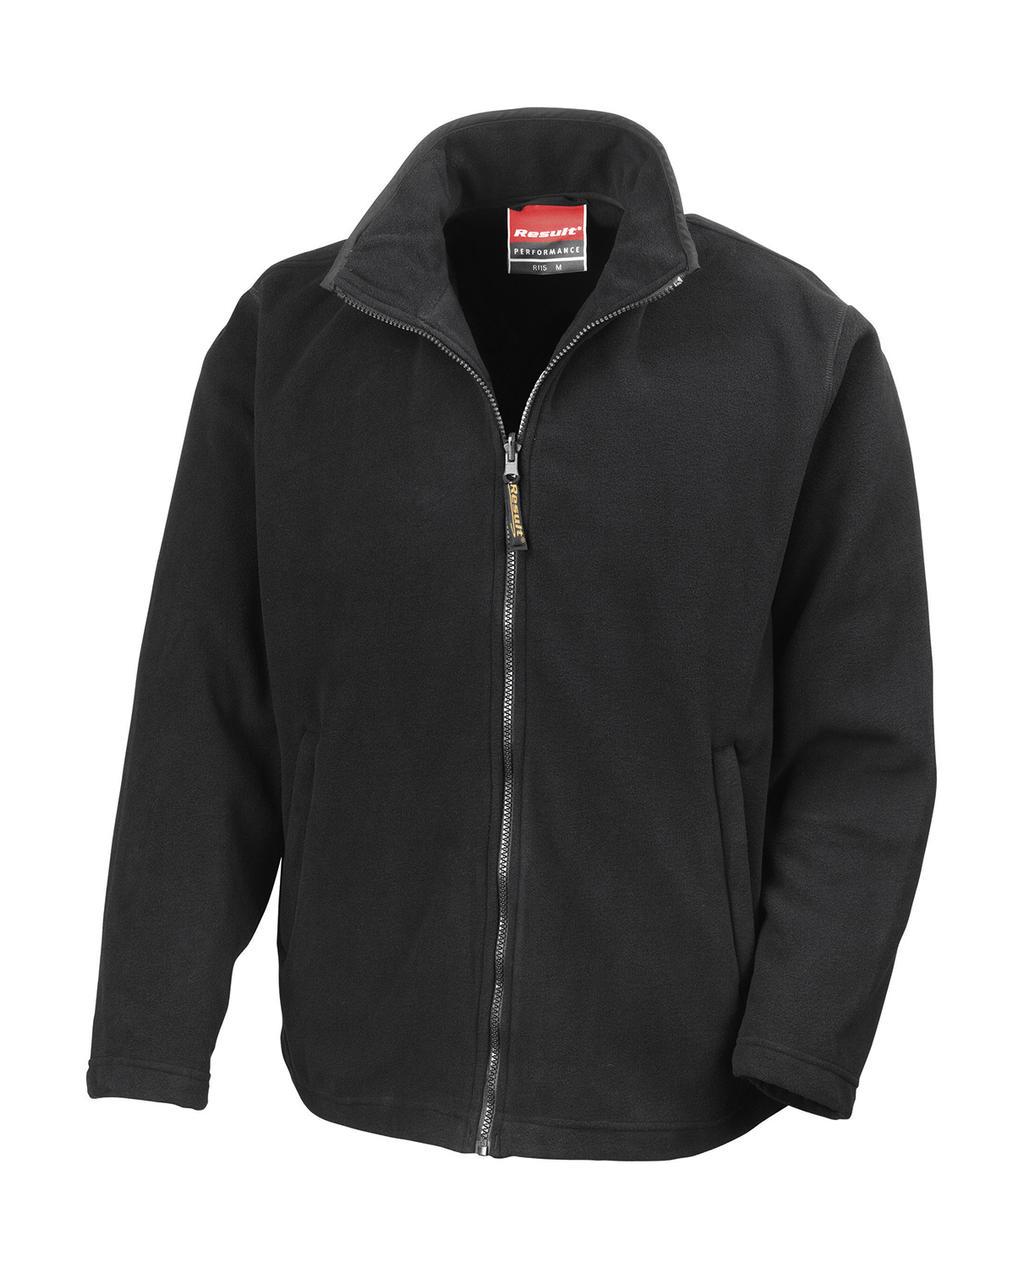 High Grade Micro Fleece Horizon Jacket